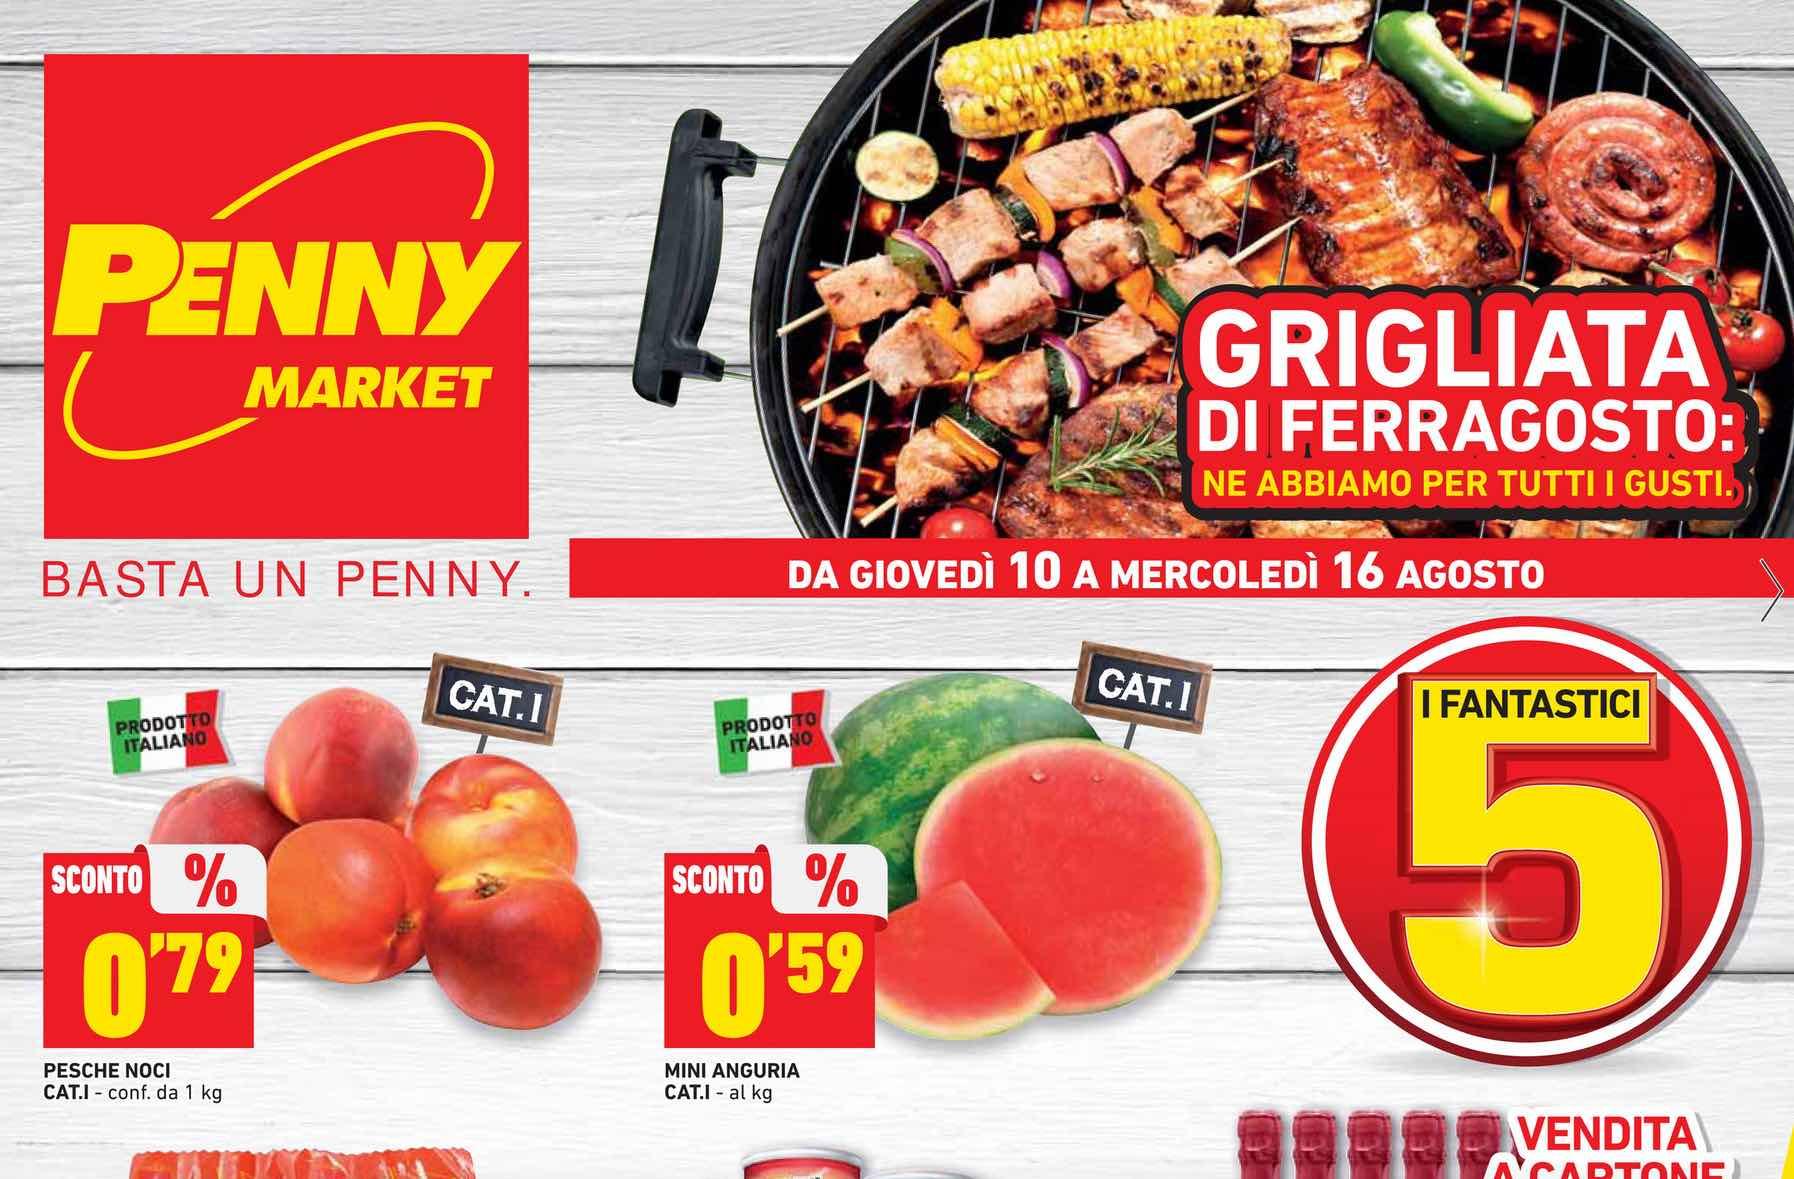 Volantino-penny-pesche17